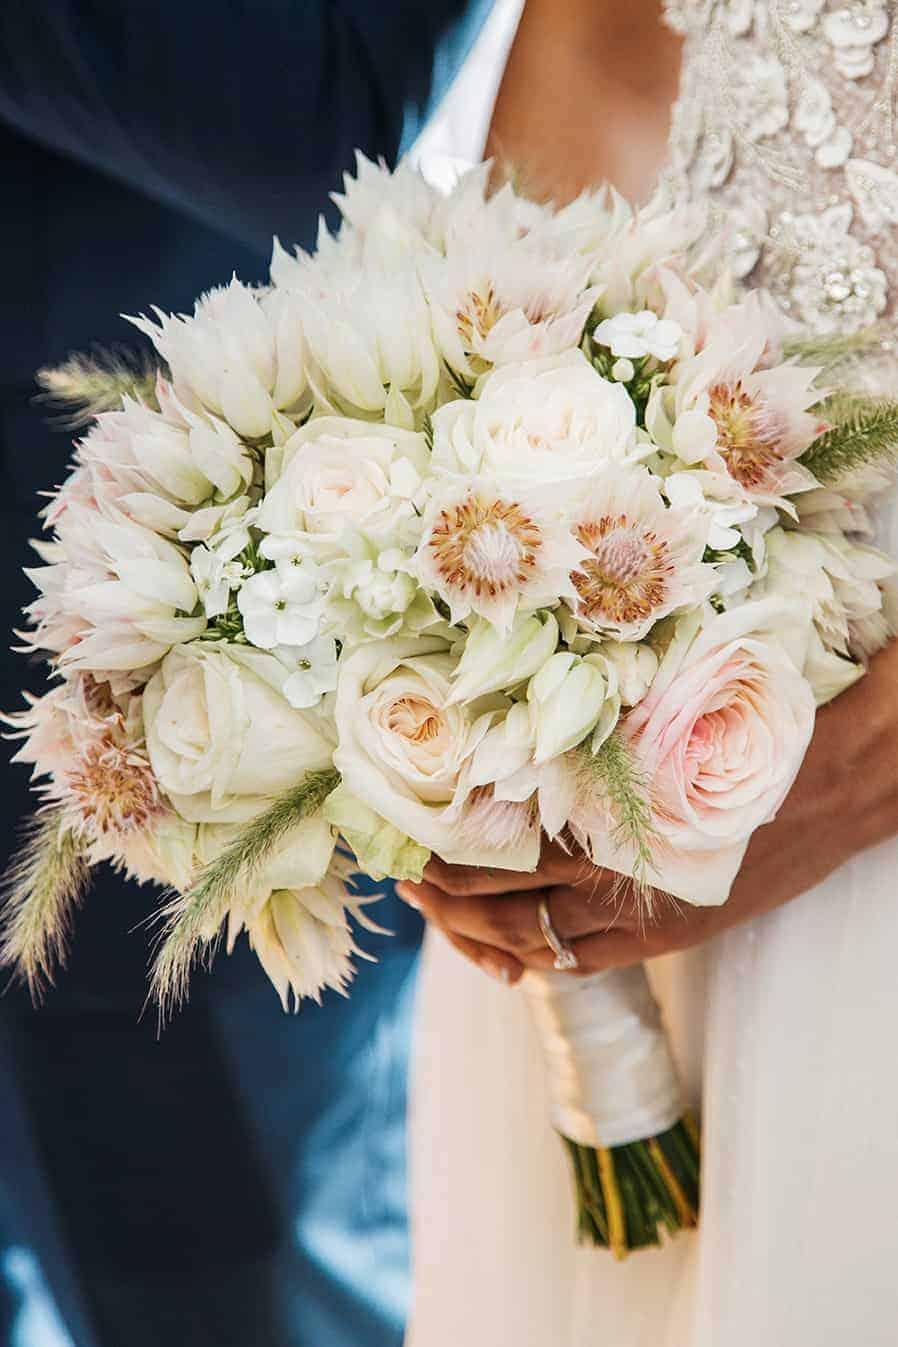 ανθοδέσμη της νύφης σε λευκό χρώμα και ρόζ αποχρώσεις